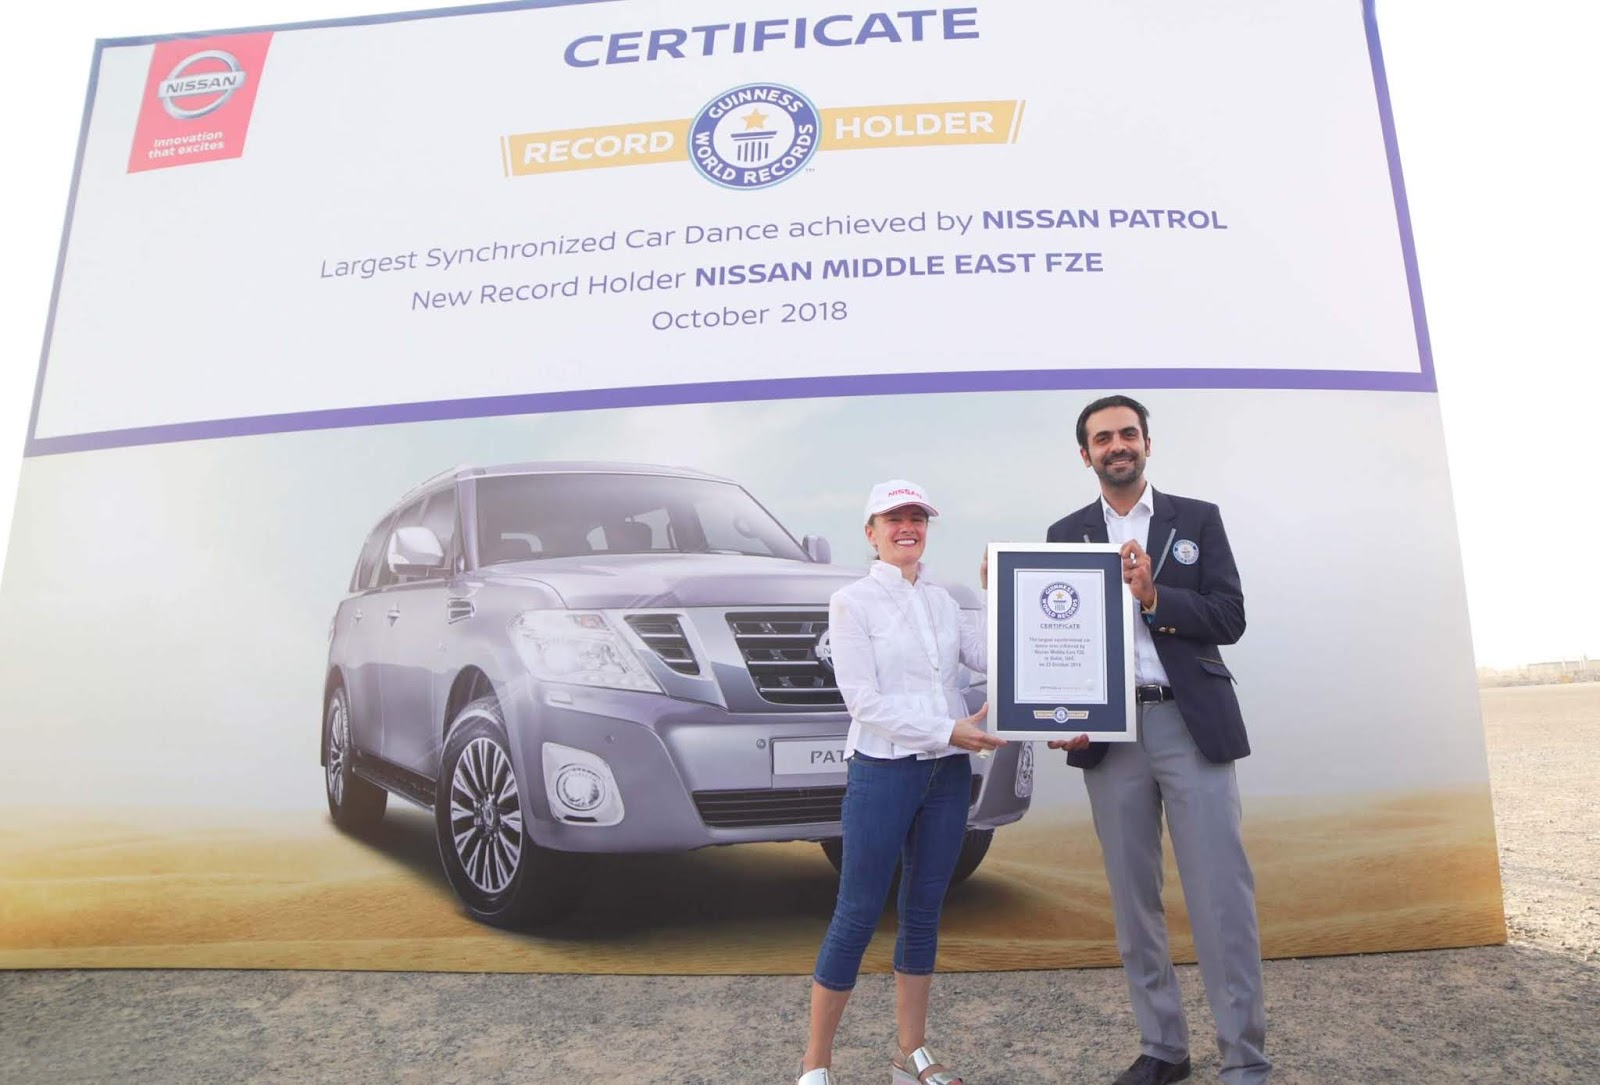 Το Nissan Patrol κατέκτησε το Παγκόσμιο Ρεκόρ Guinness